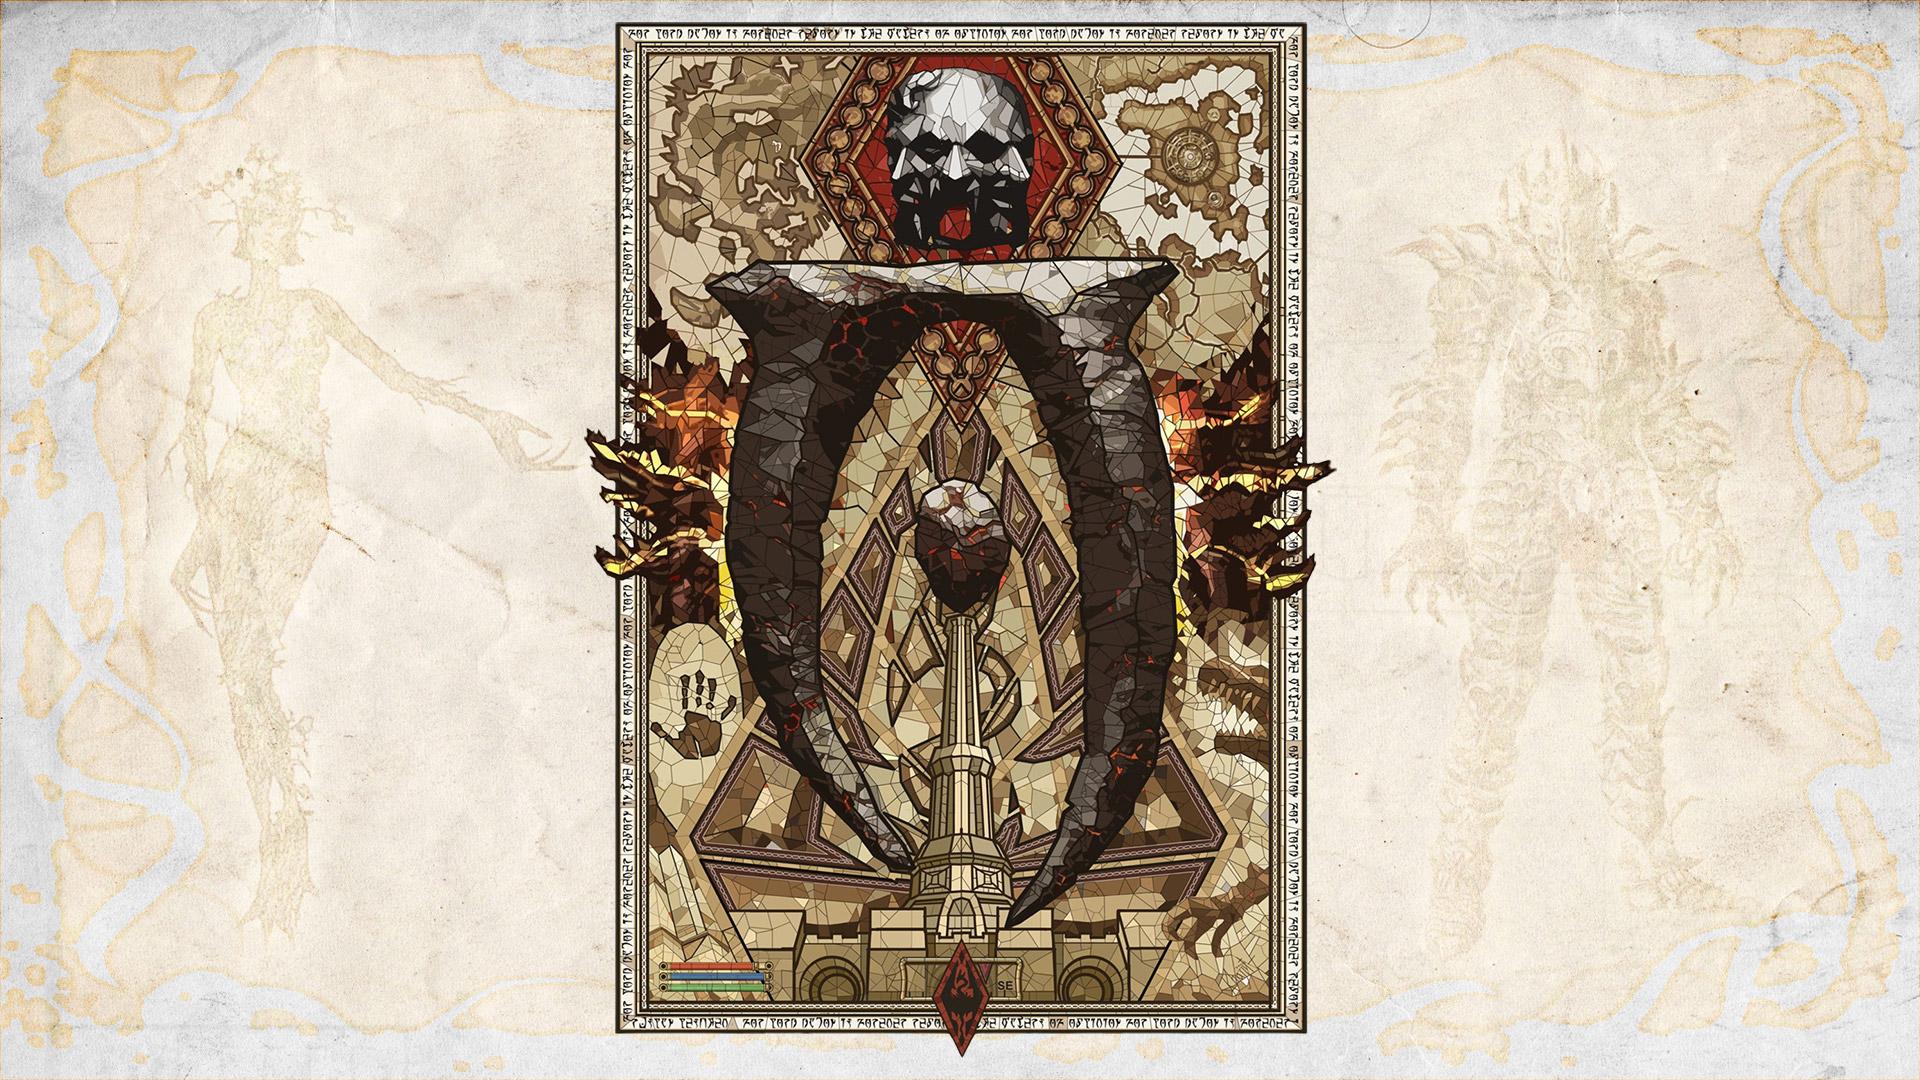 Free The Elder Scrolls IV: Oblivion Wallpaper in 1920x1080